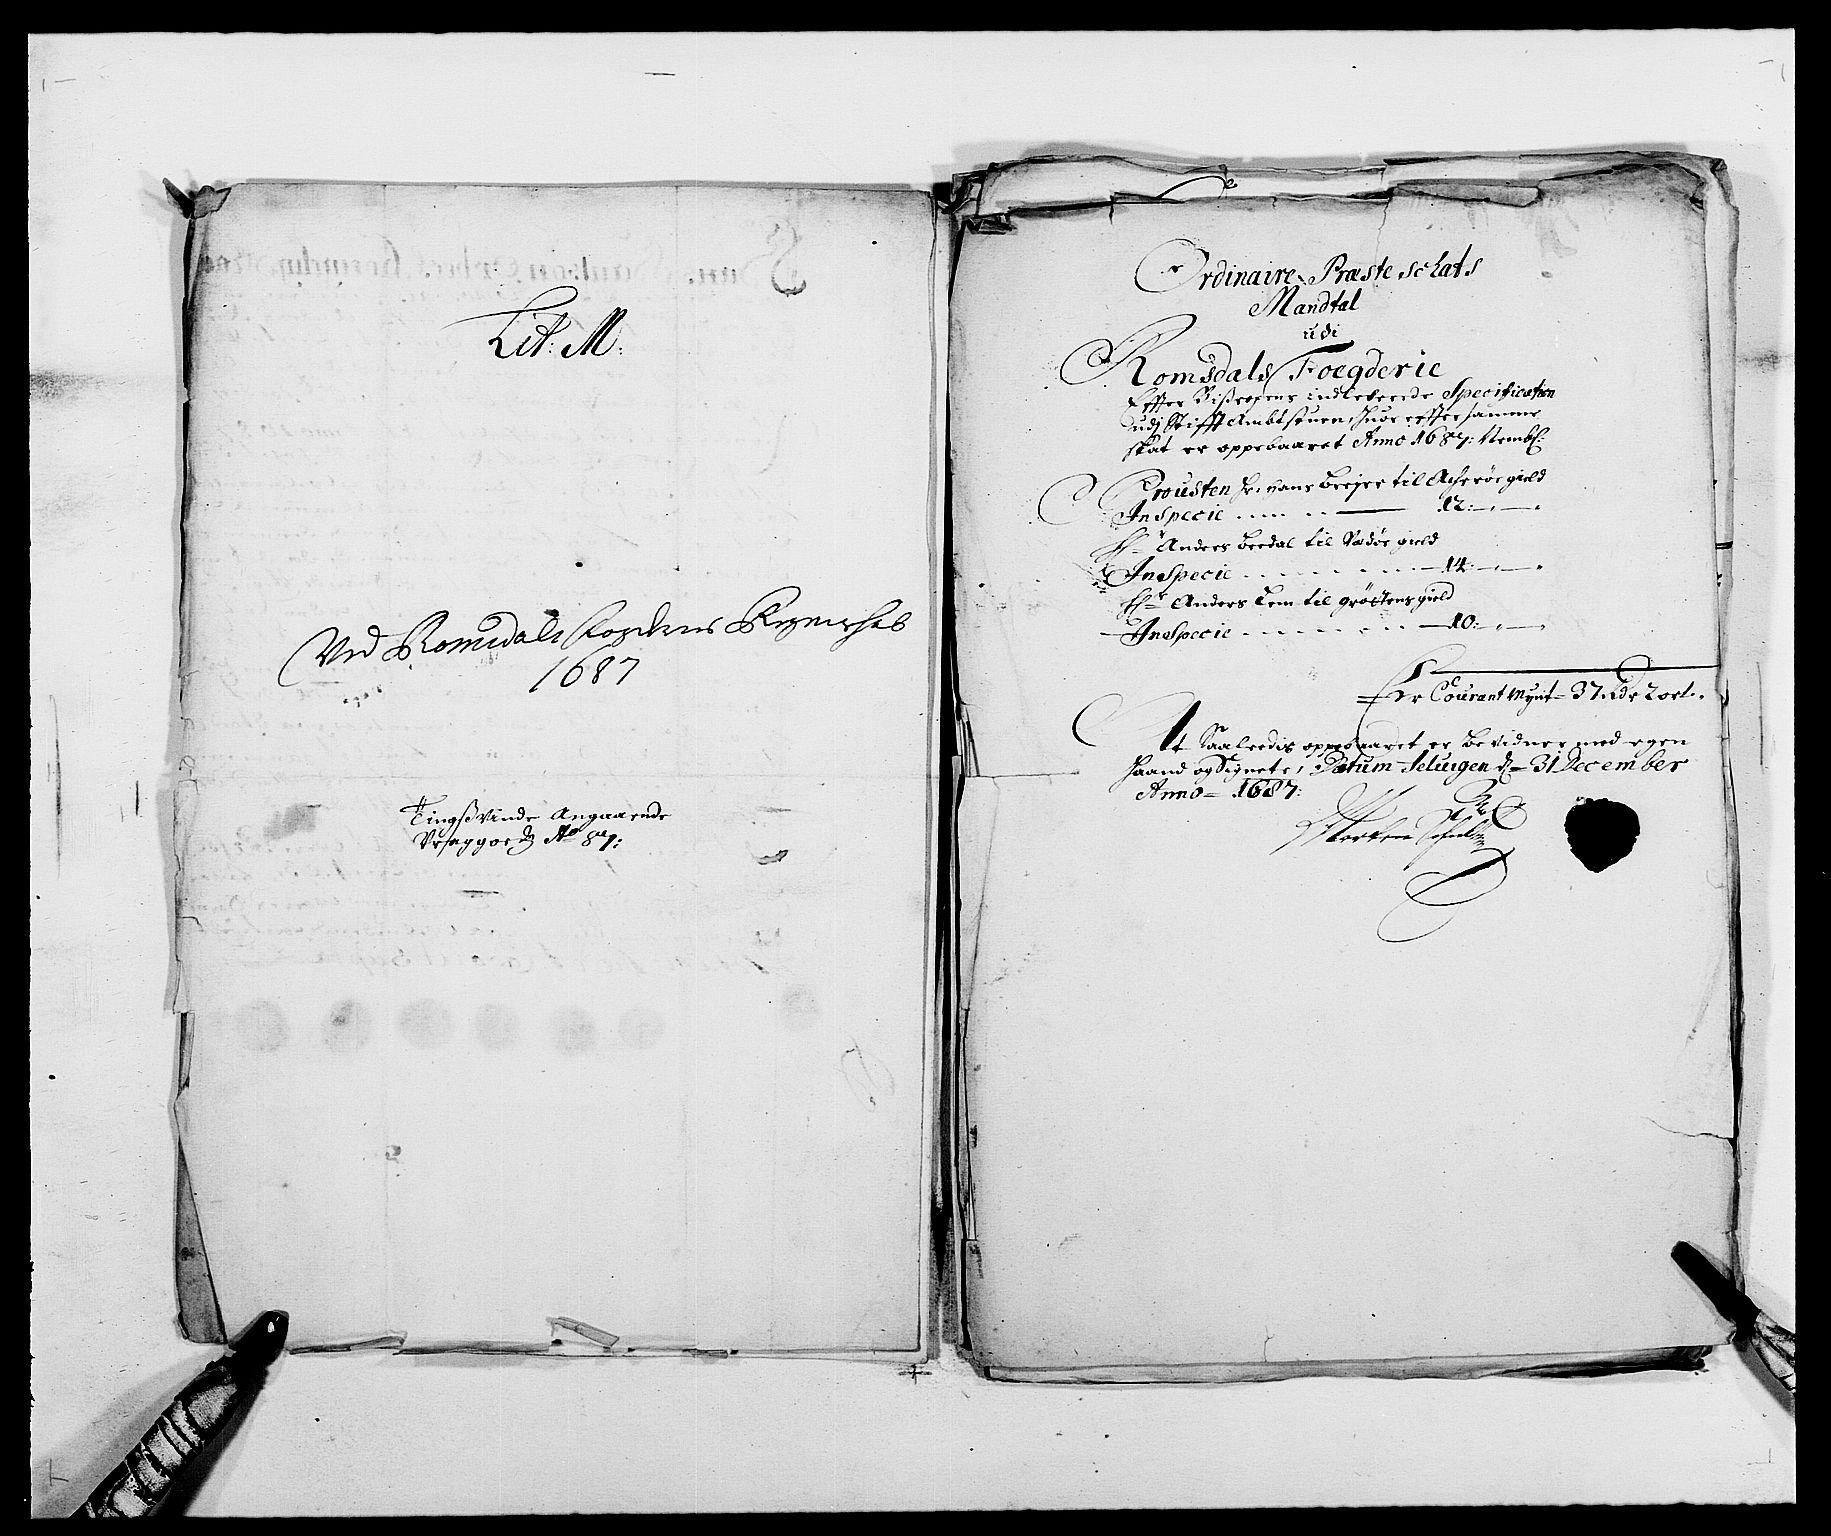 RA, Rentekammeret inntil 1814, Reviderte regnskaper, Fogderegnskap, R55/L3648: Fogderegnskap Romsdal, 1687-1689, s. 138